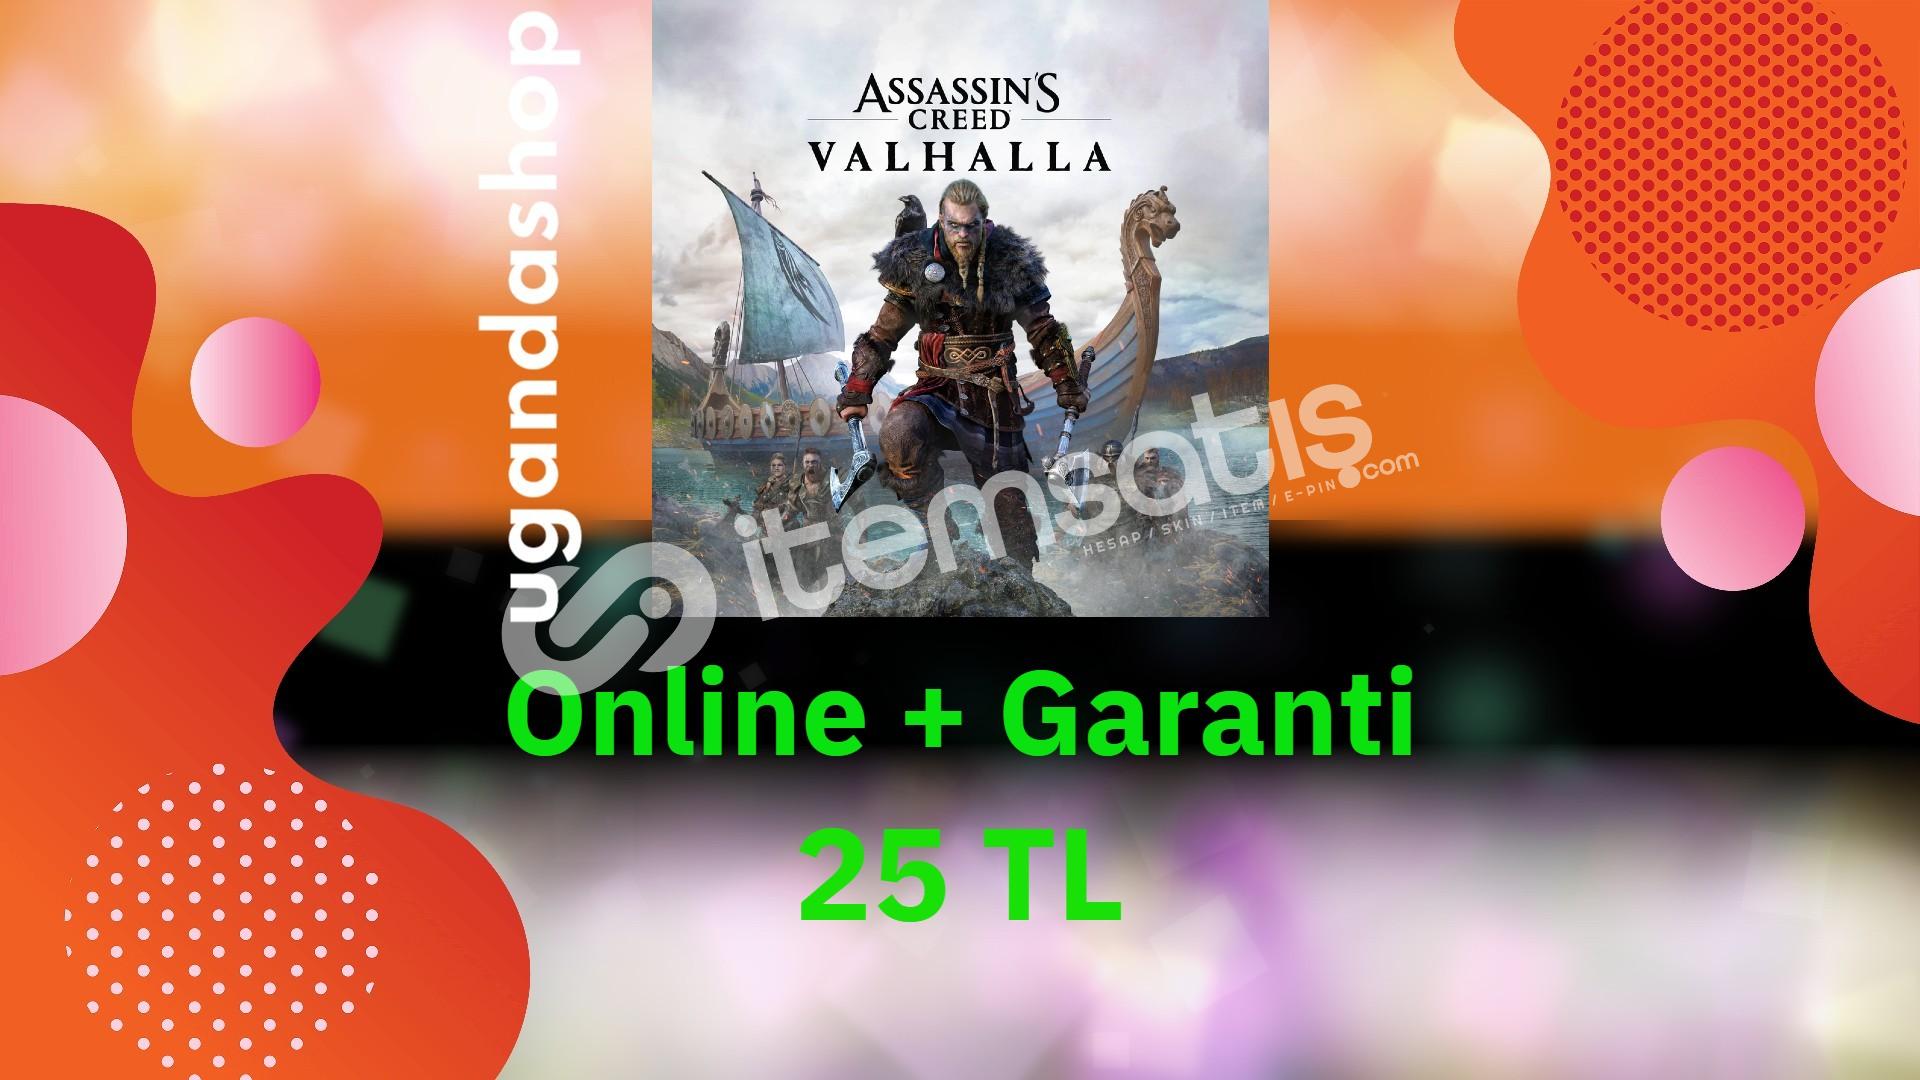 Assassins Creed Valhalla Online Ubisoft Hesap